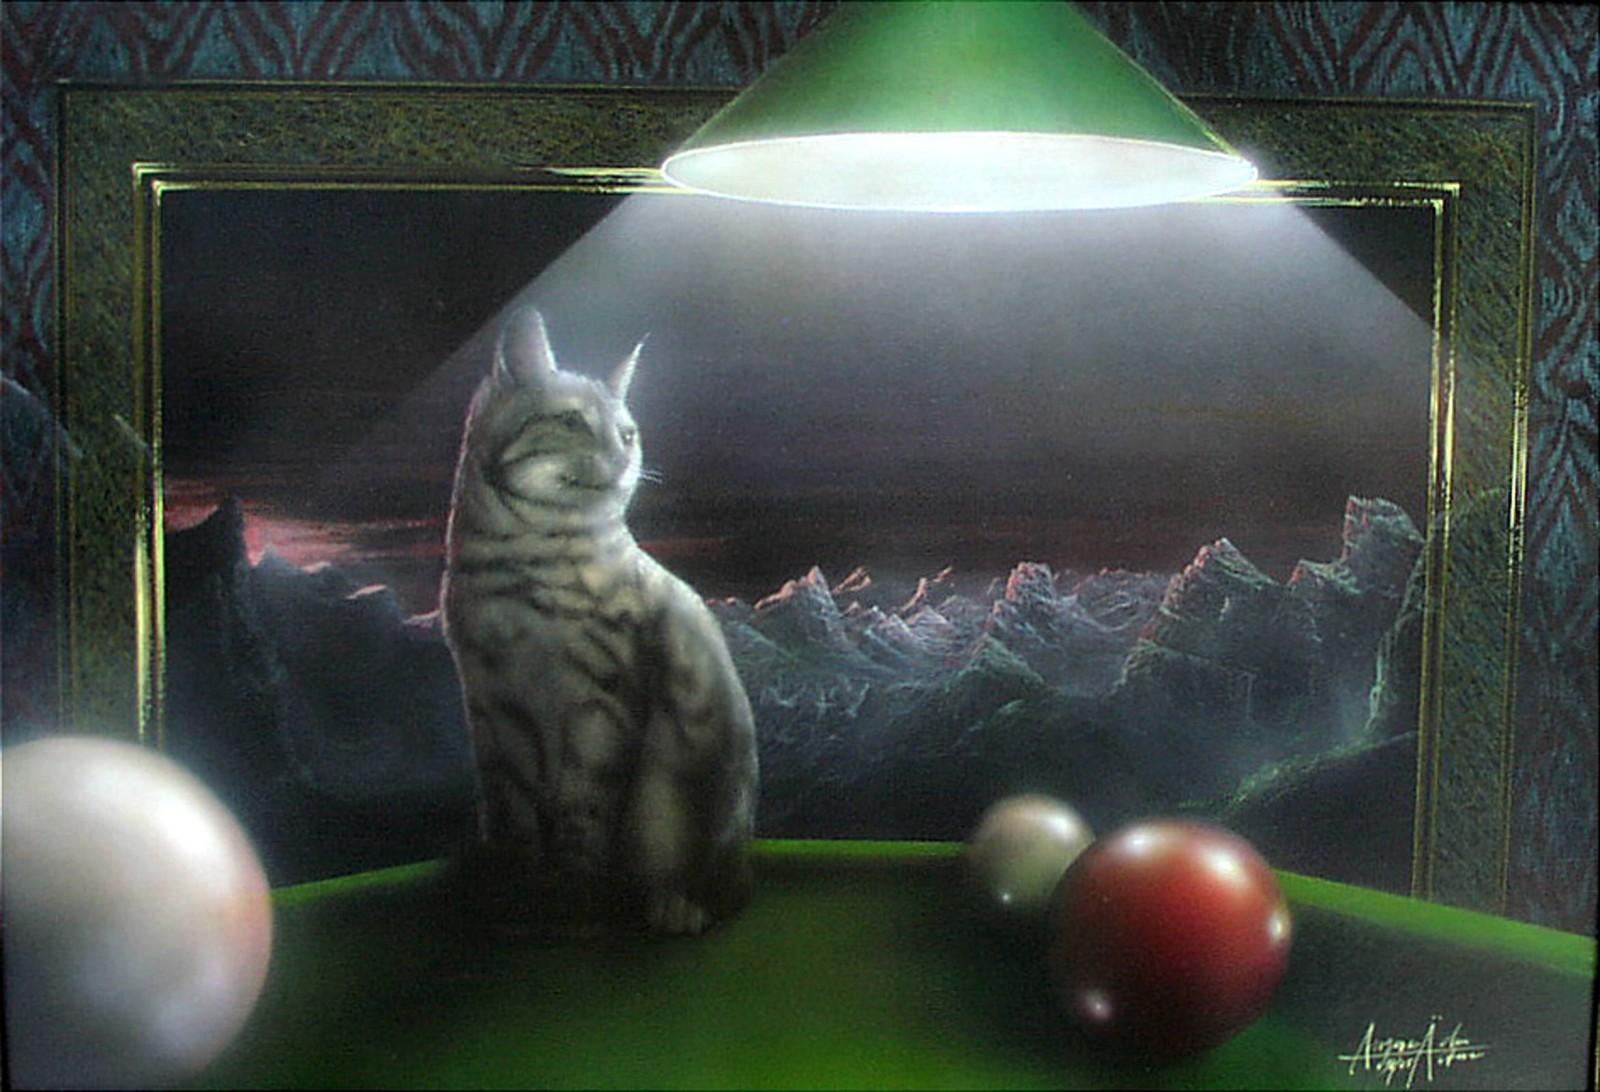 Katze auf dem Billardtisch - auf Anfrage